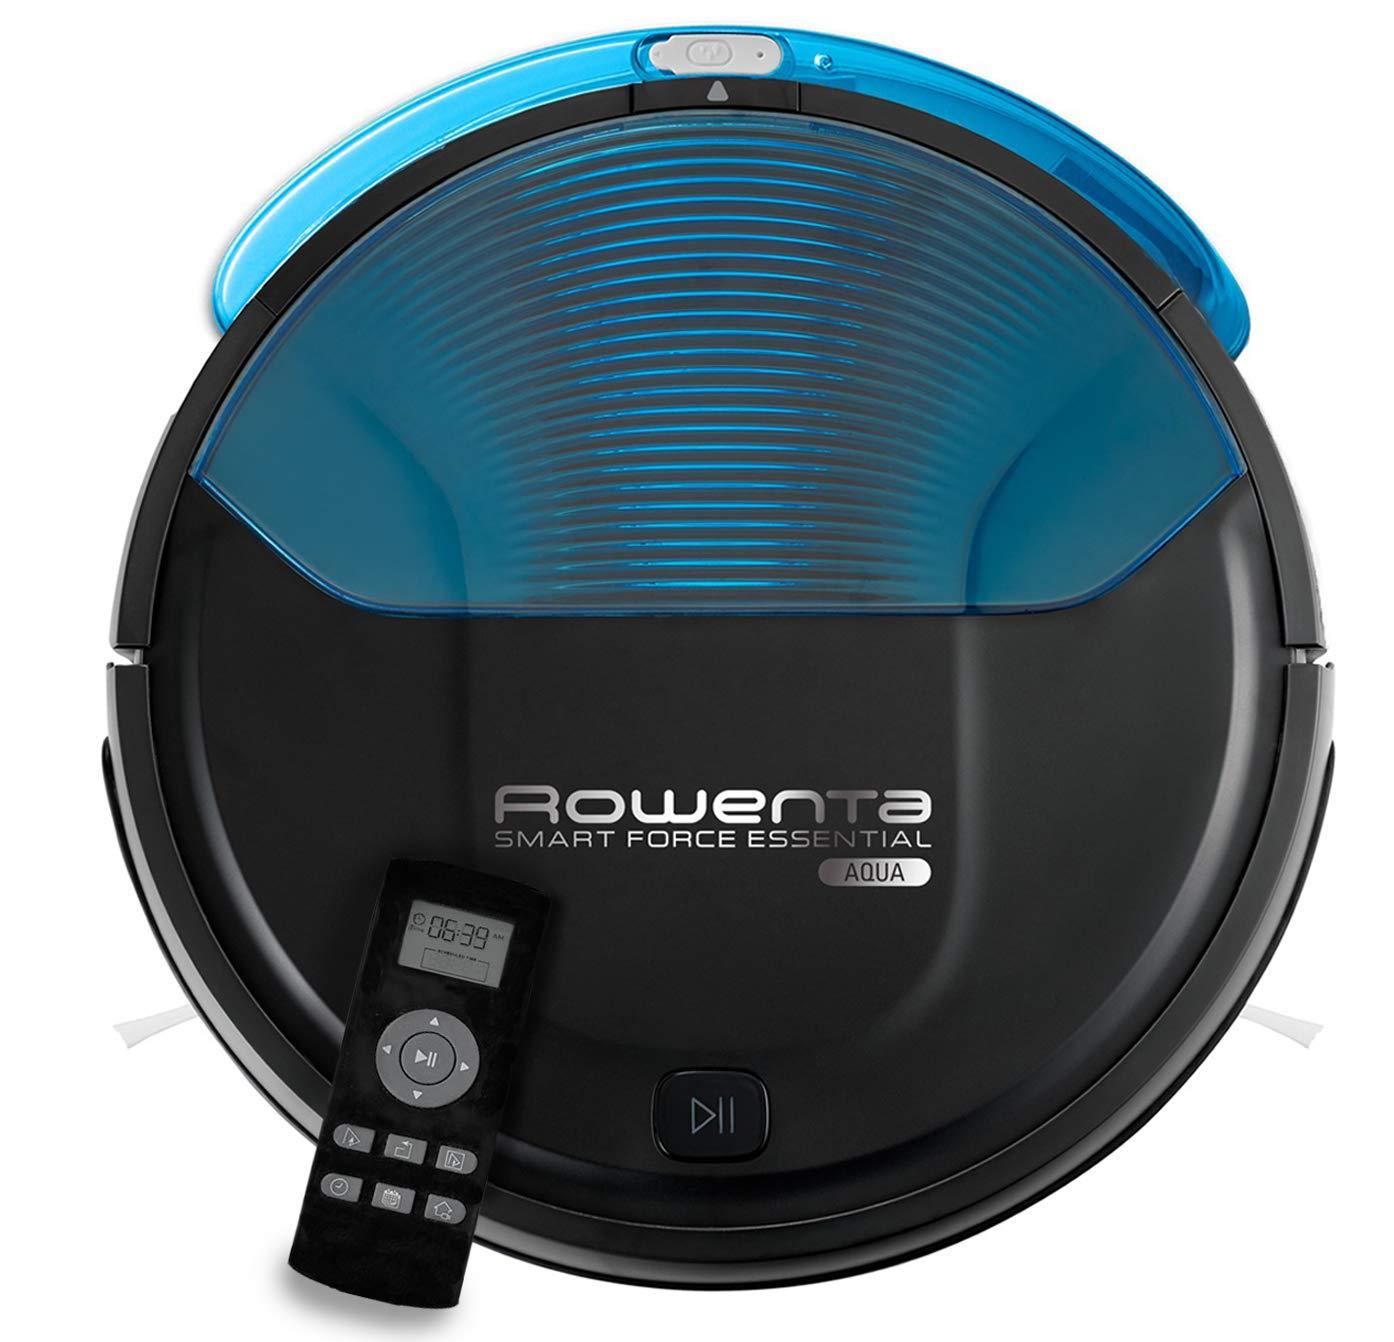 Rowenta RR6971 Smart Force Essential Aqua Saug- und Wischroboter, 2in1 Roboter-Staubsauger mit Wischfunktion